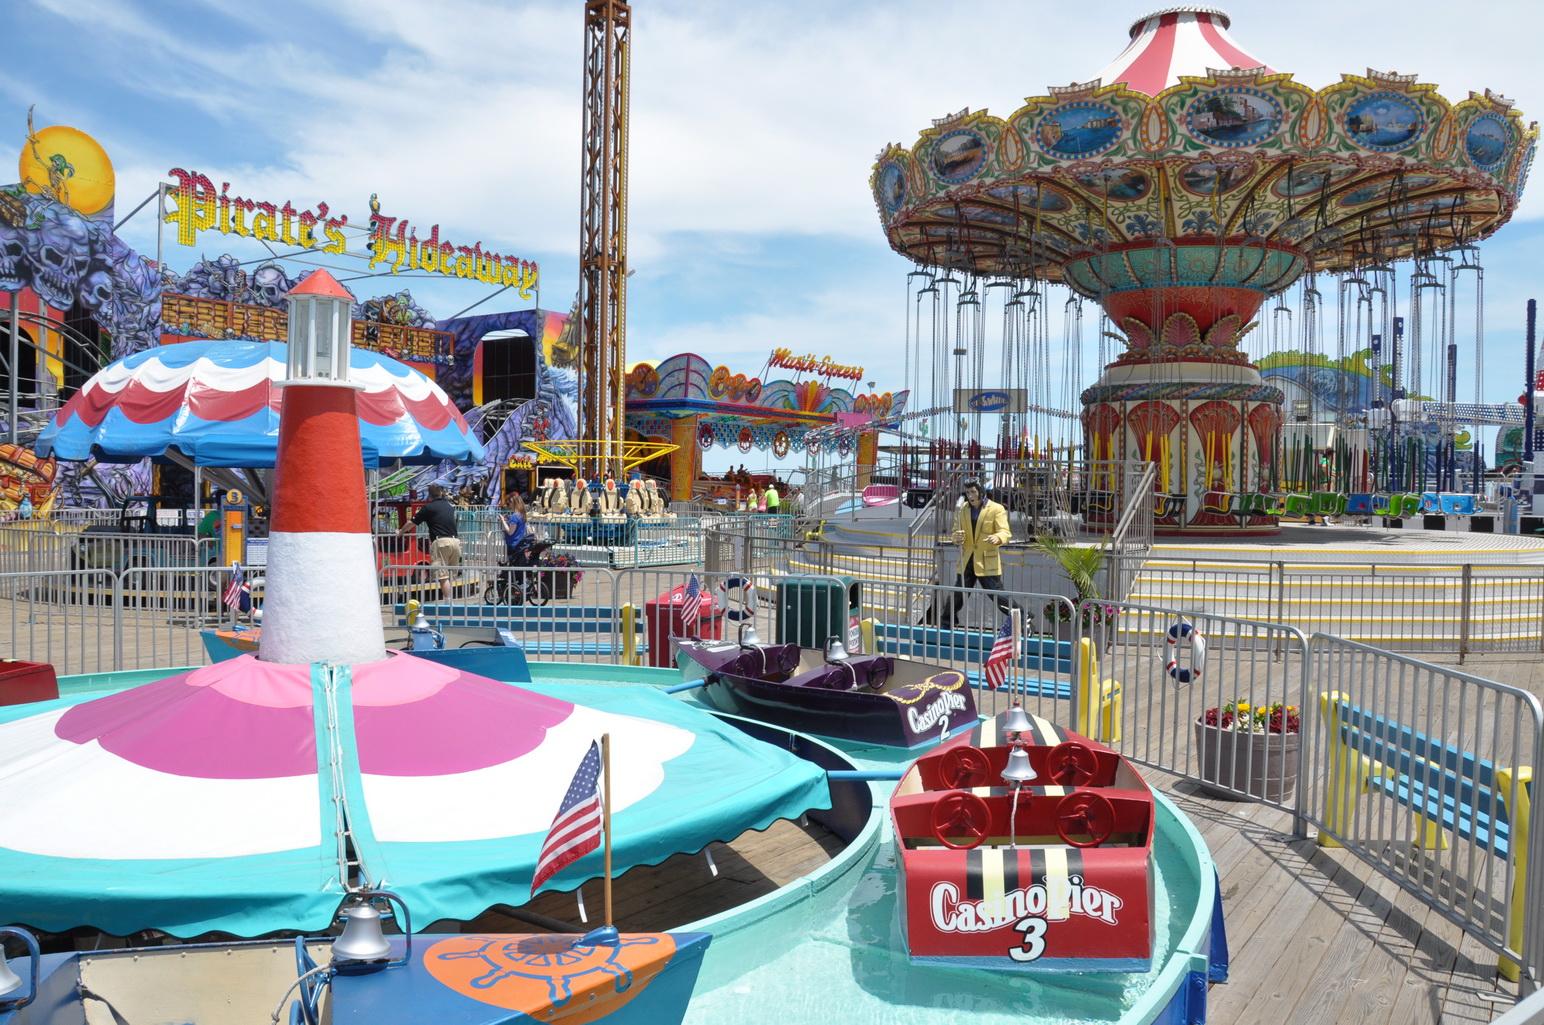 Casino pier breakwater beach martin williams casino equipment